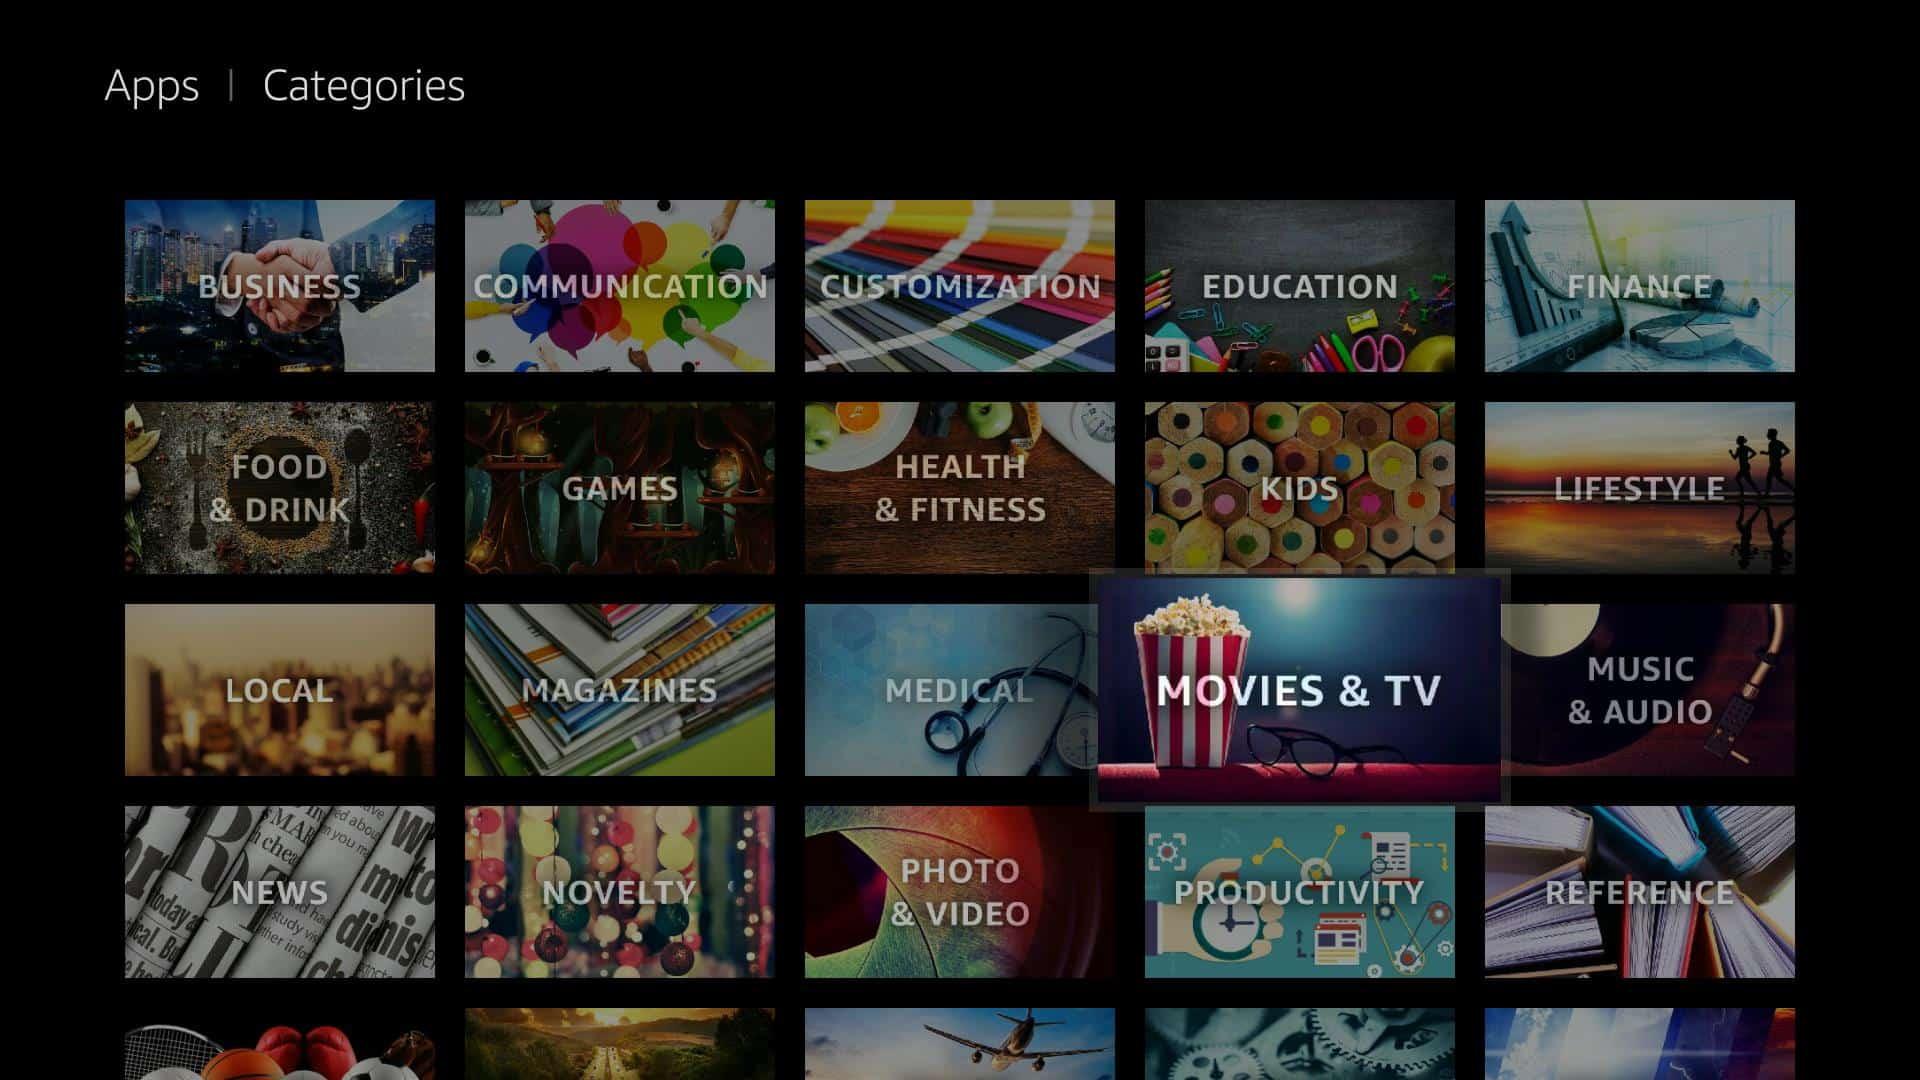 Fire TV Plex App - Install 3